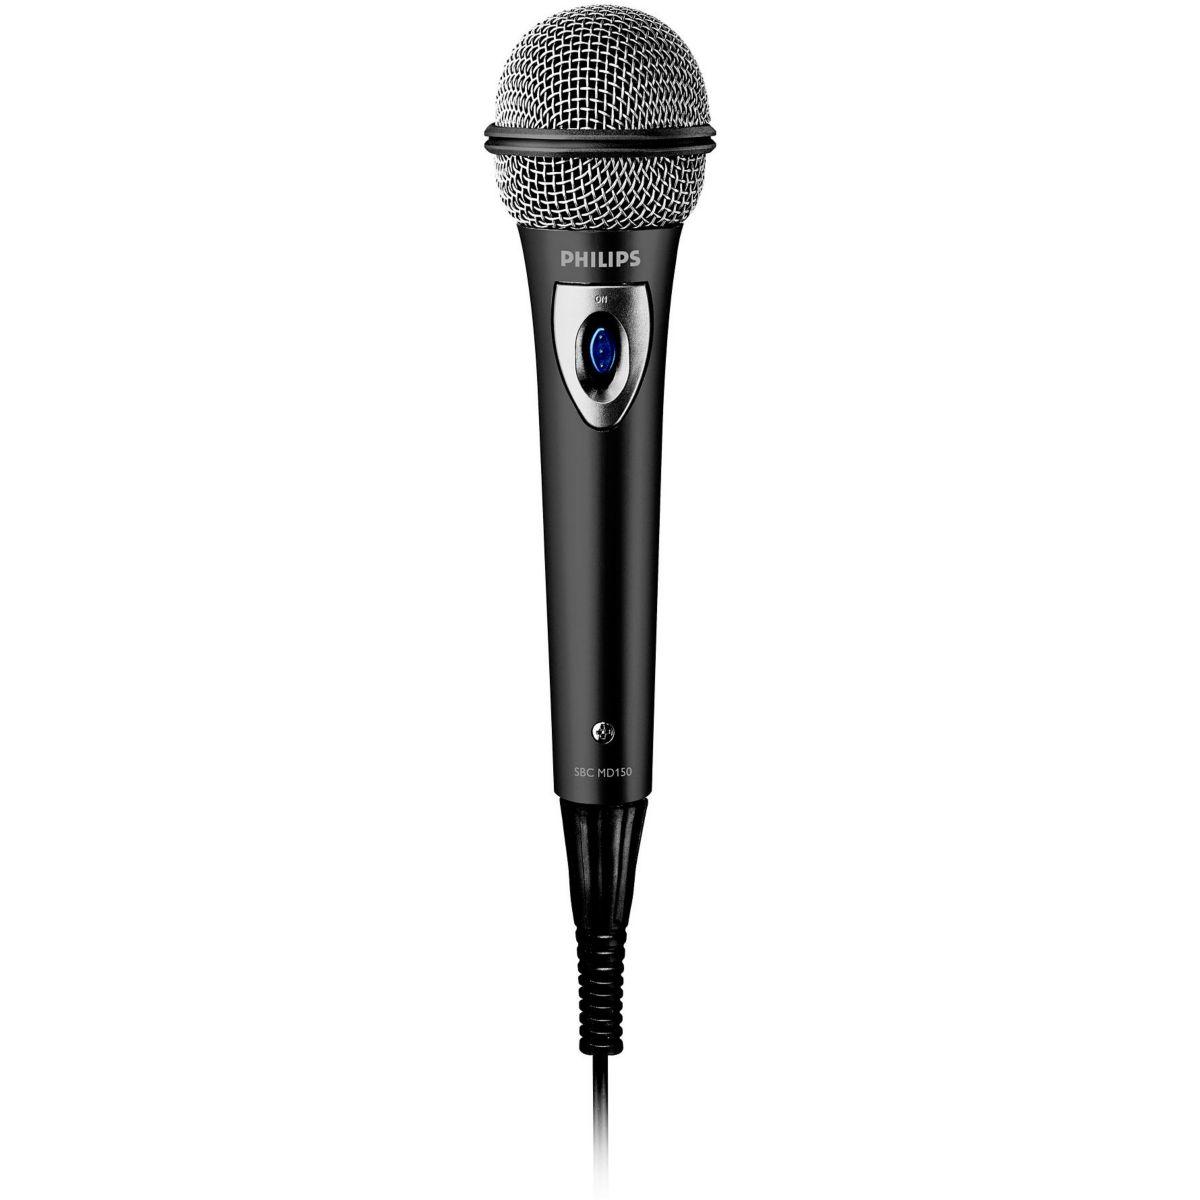 Microphone philips sbc md150/00 (de voix) - 20% de remise immédiate avec le code : multi20 (photo)